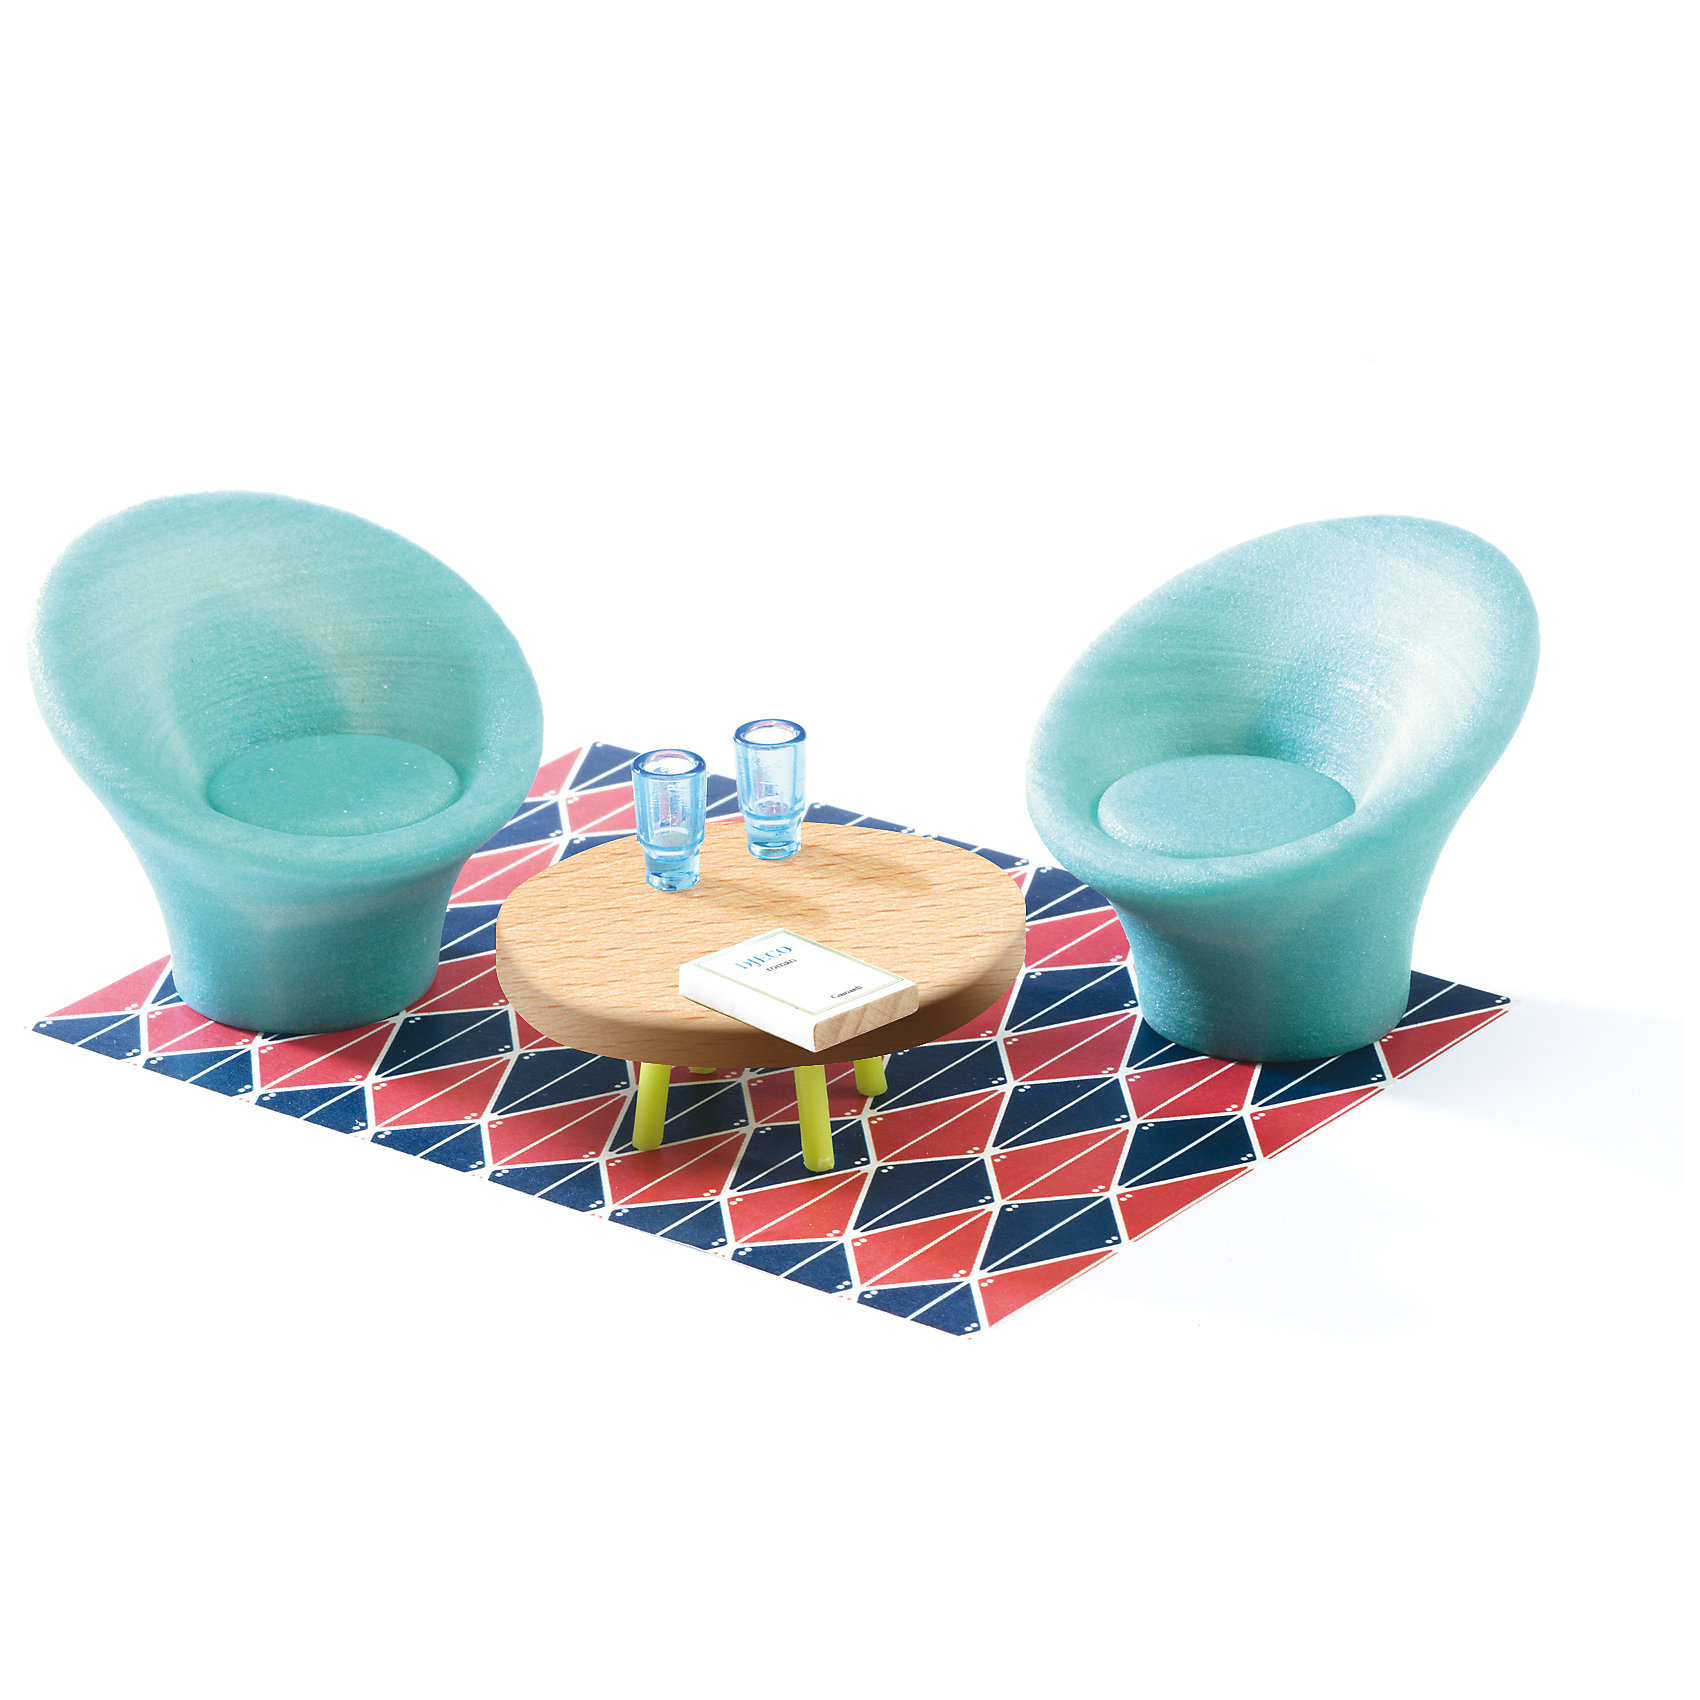 Мебель для кукольного дома, Гостиная, DJECOДомики и мебель<br>Мебель для кукольного дома, Гостиная, DJECO (ДЖЕКО).<br><br>Характеристики:<br><br>- В наборе: 2 кресла, журнальный столик, ковёр, 2 стакана, книга<br>- Материал: текстиль, пластик, древесина<br>- Упаковка: подарочная коробка<br>- Размер упаковки: 23х15,5х5,5 см.<br><br>Мебель для кукольного дома Гостиная от французского производителя Djeco (Джеко) – превосходный набор для игр, который приведет в восторг всех любительниц игр с куклами и кукольными домиками. Мебель станет прекрасным дополнением для сюжетных игр вашего ребенка. В процессе такой игры у ребенка будет прекрасно развиваться фантазия и воображение, усидчивость и внимание. Все детали набора изготовлены из высококачественных безопасных для ребенка материалов.<br><br>Мебель для кукольного дома, Гостиная, DJECO (ДЖЕКО) можно купить в нашем интернет-магазине.<br><br>Ширина мм: 230<br>Глубина мм: 155<br>Высота мм: 55<br>Вес г: 1000<br>Возраст от месяцев: 48<br>Возраст до месяцев: 2147483647<br>Пол: Женский<br>Возраст: Детский<br>SKU: 5299148